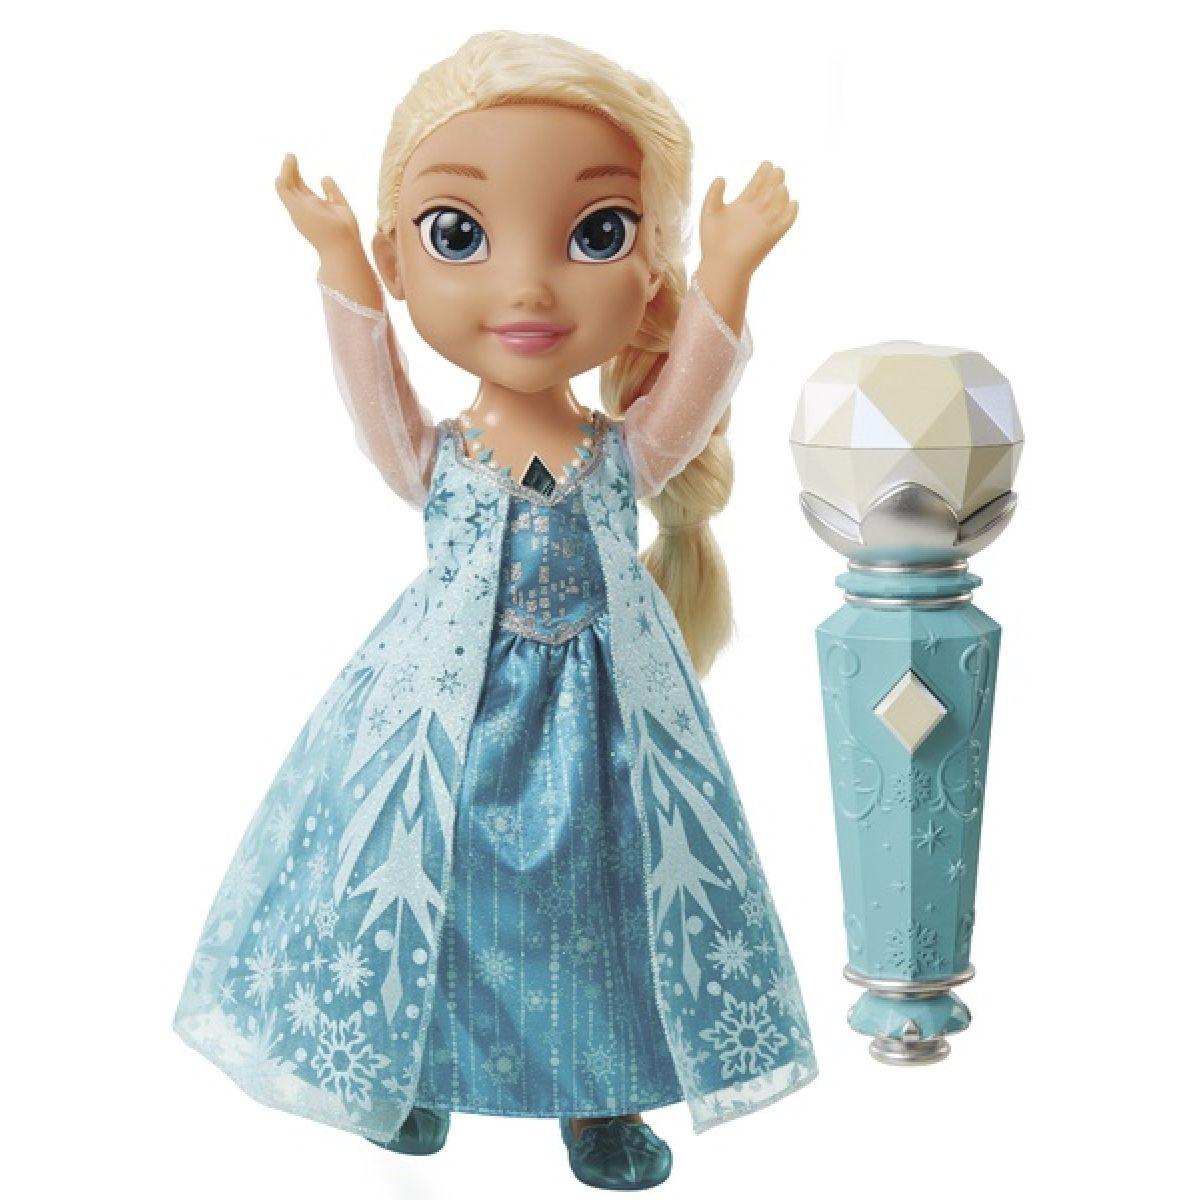 ADC Blackfire Ľadové kráľovstvo Spievajúca Elsa karaoke - Poškodený obal